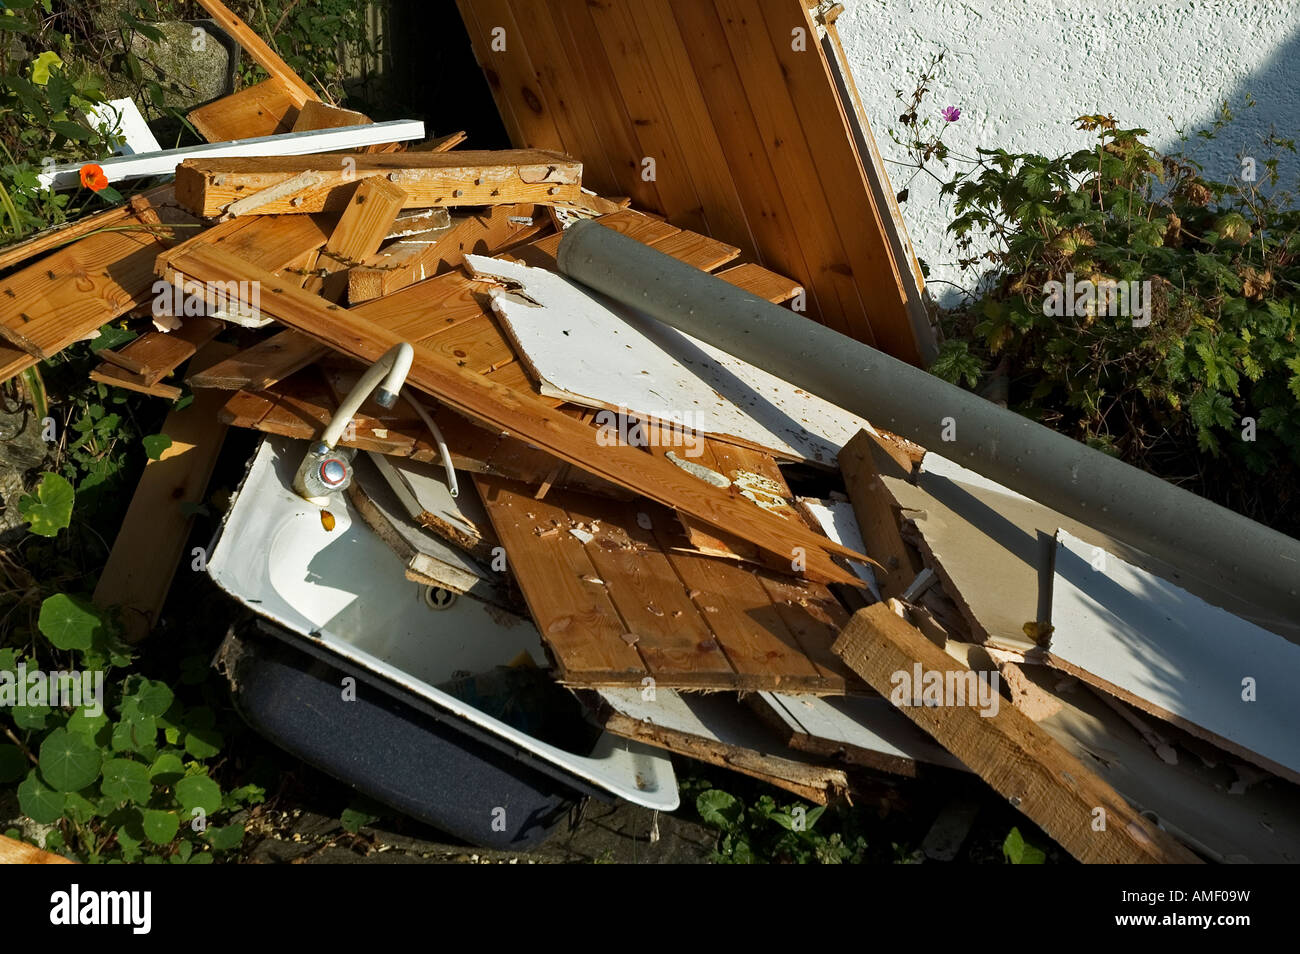 pile of scrap wood - Stock Image